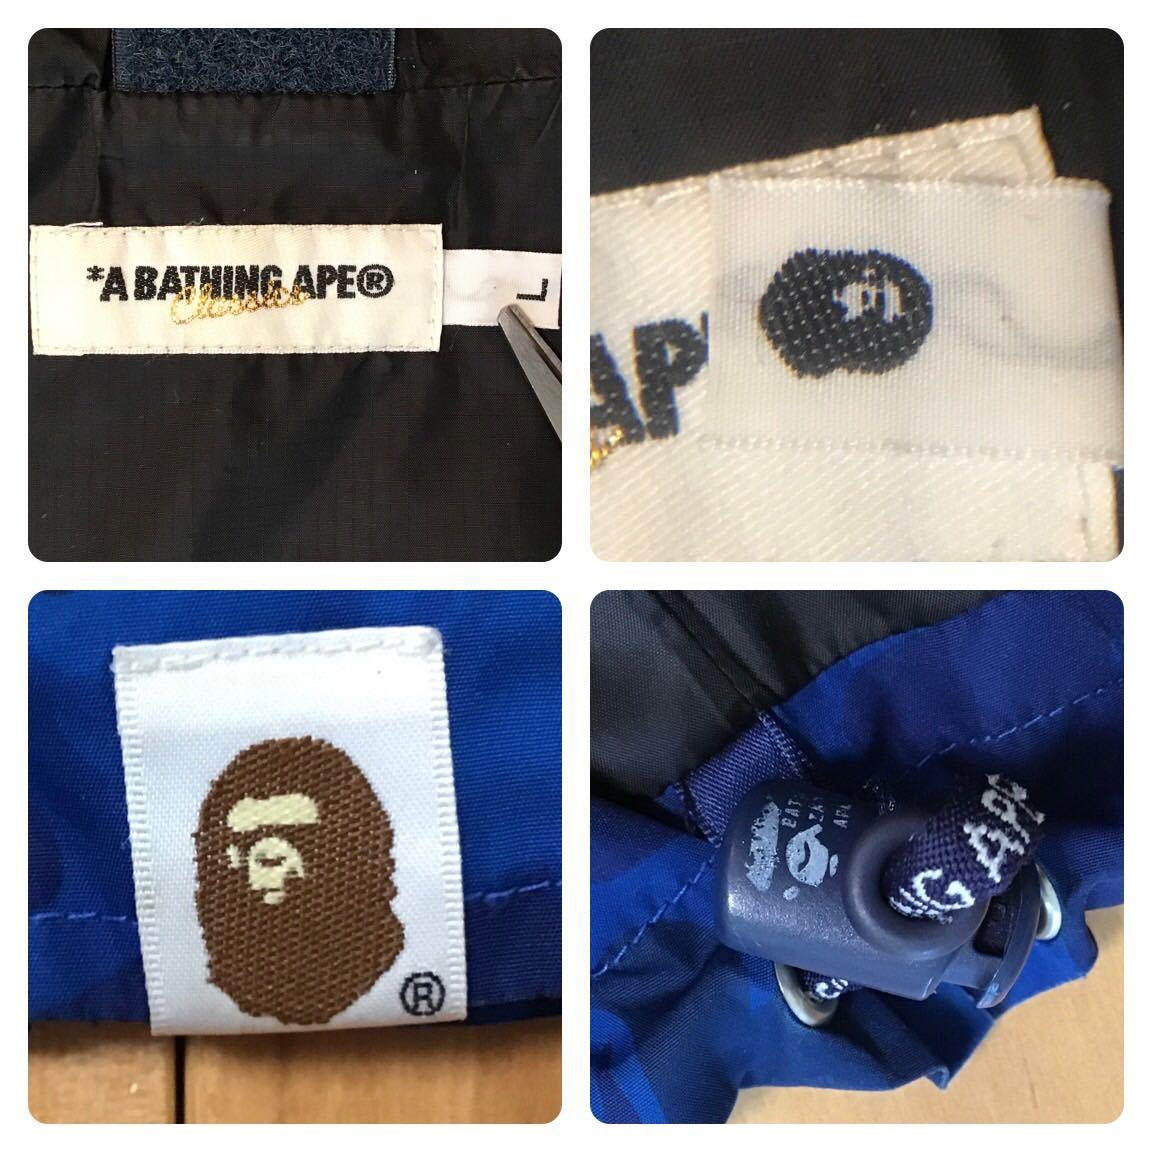 Fire camo スノボジャケット Lサイズ a bathing ape BAPE snow board jacket エイプ ベイプ アベイシングエイプ blue camo ファイヤーカモ